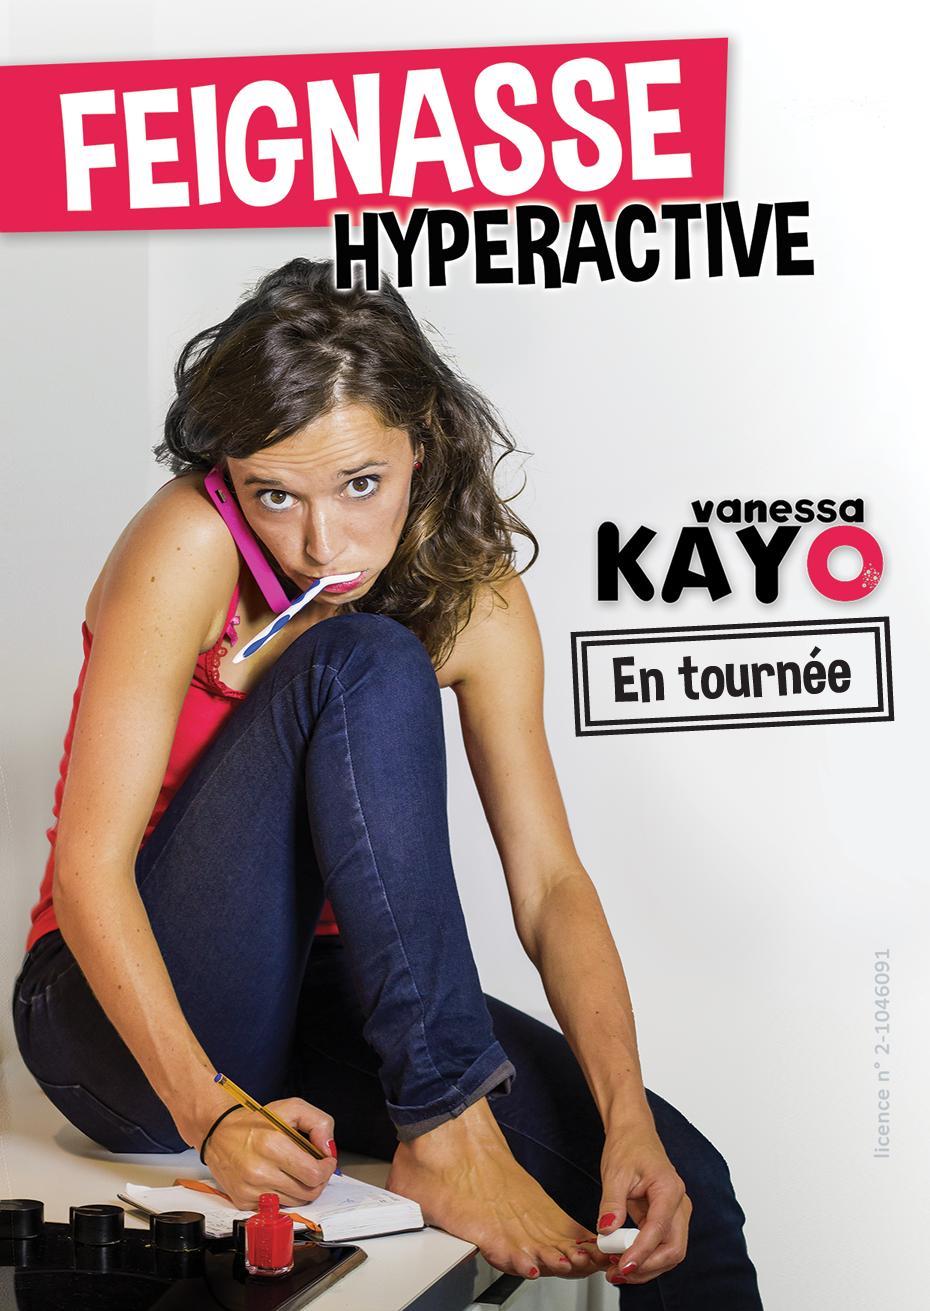 Billet pour le spectacle de Vanessa Kayo Feignasse Hyperactive - jeudi 19 janvier (20 h), à la Comédie des Boulevards (Paris)